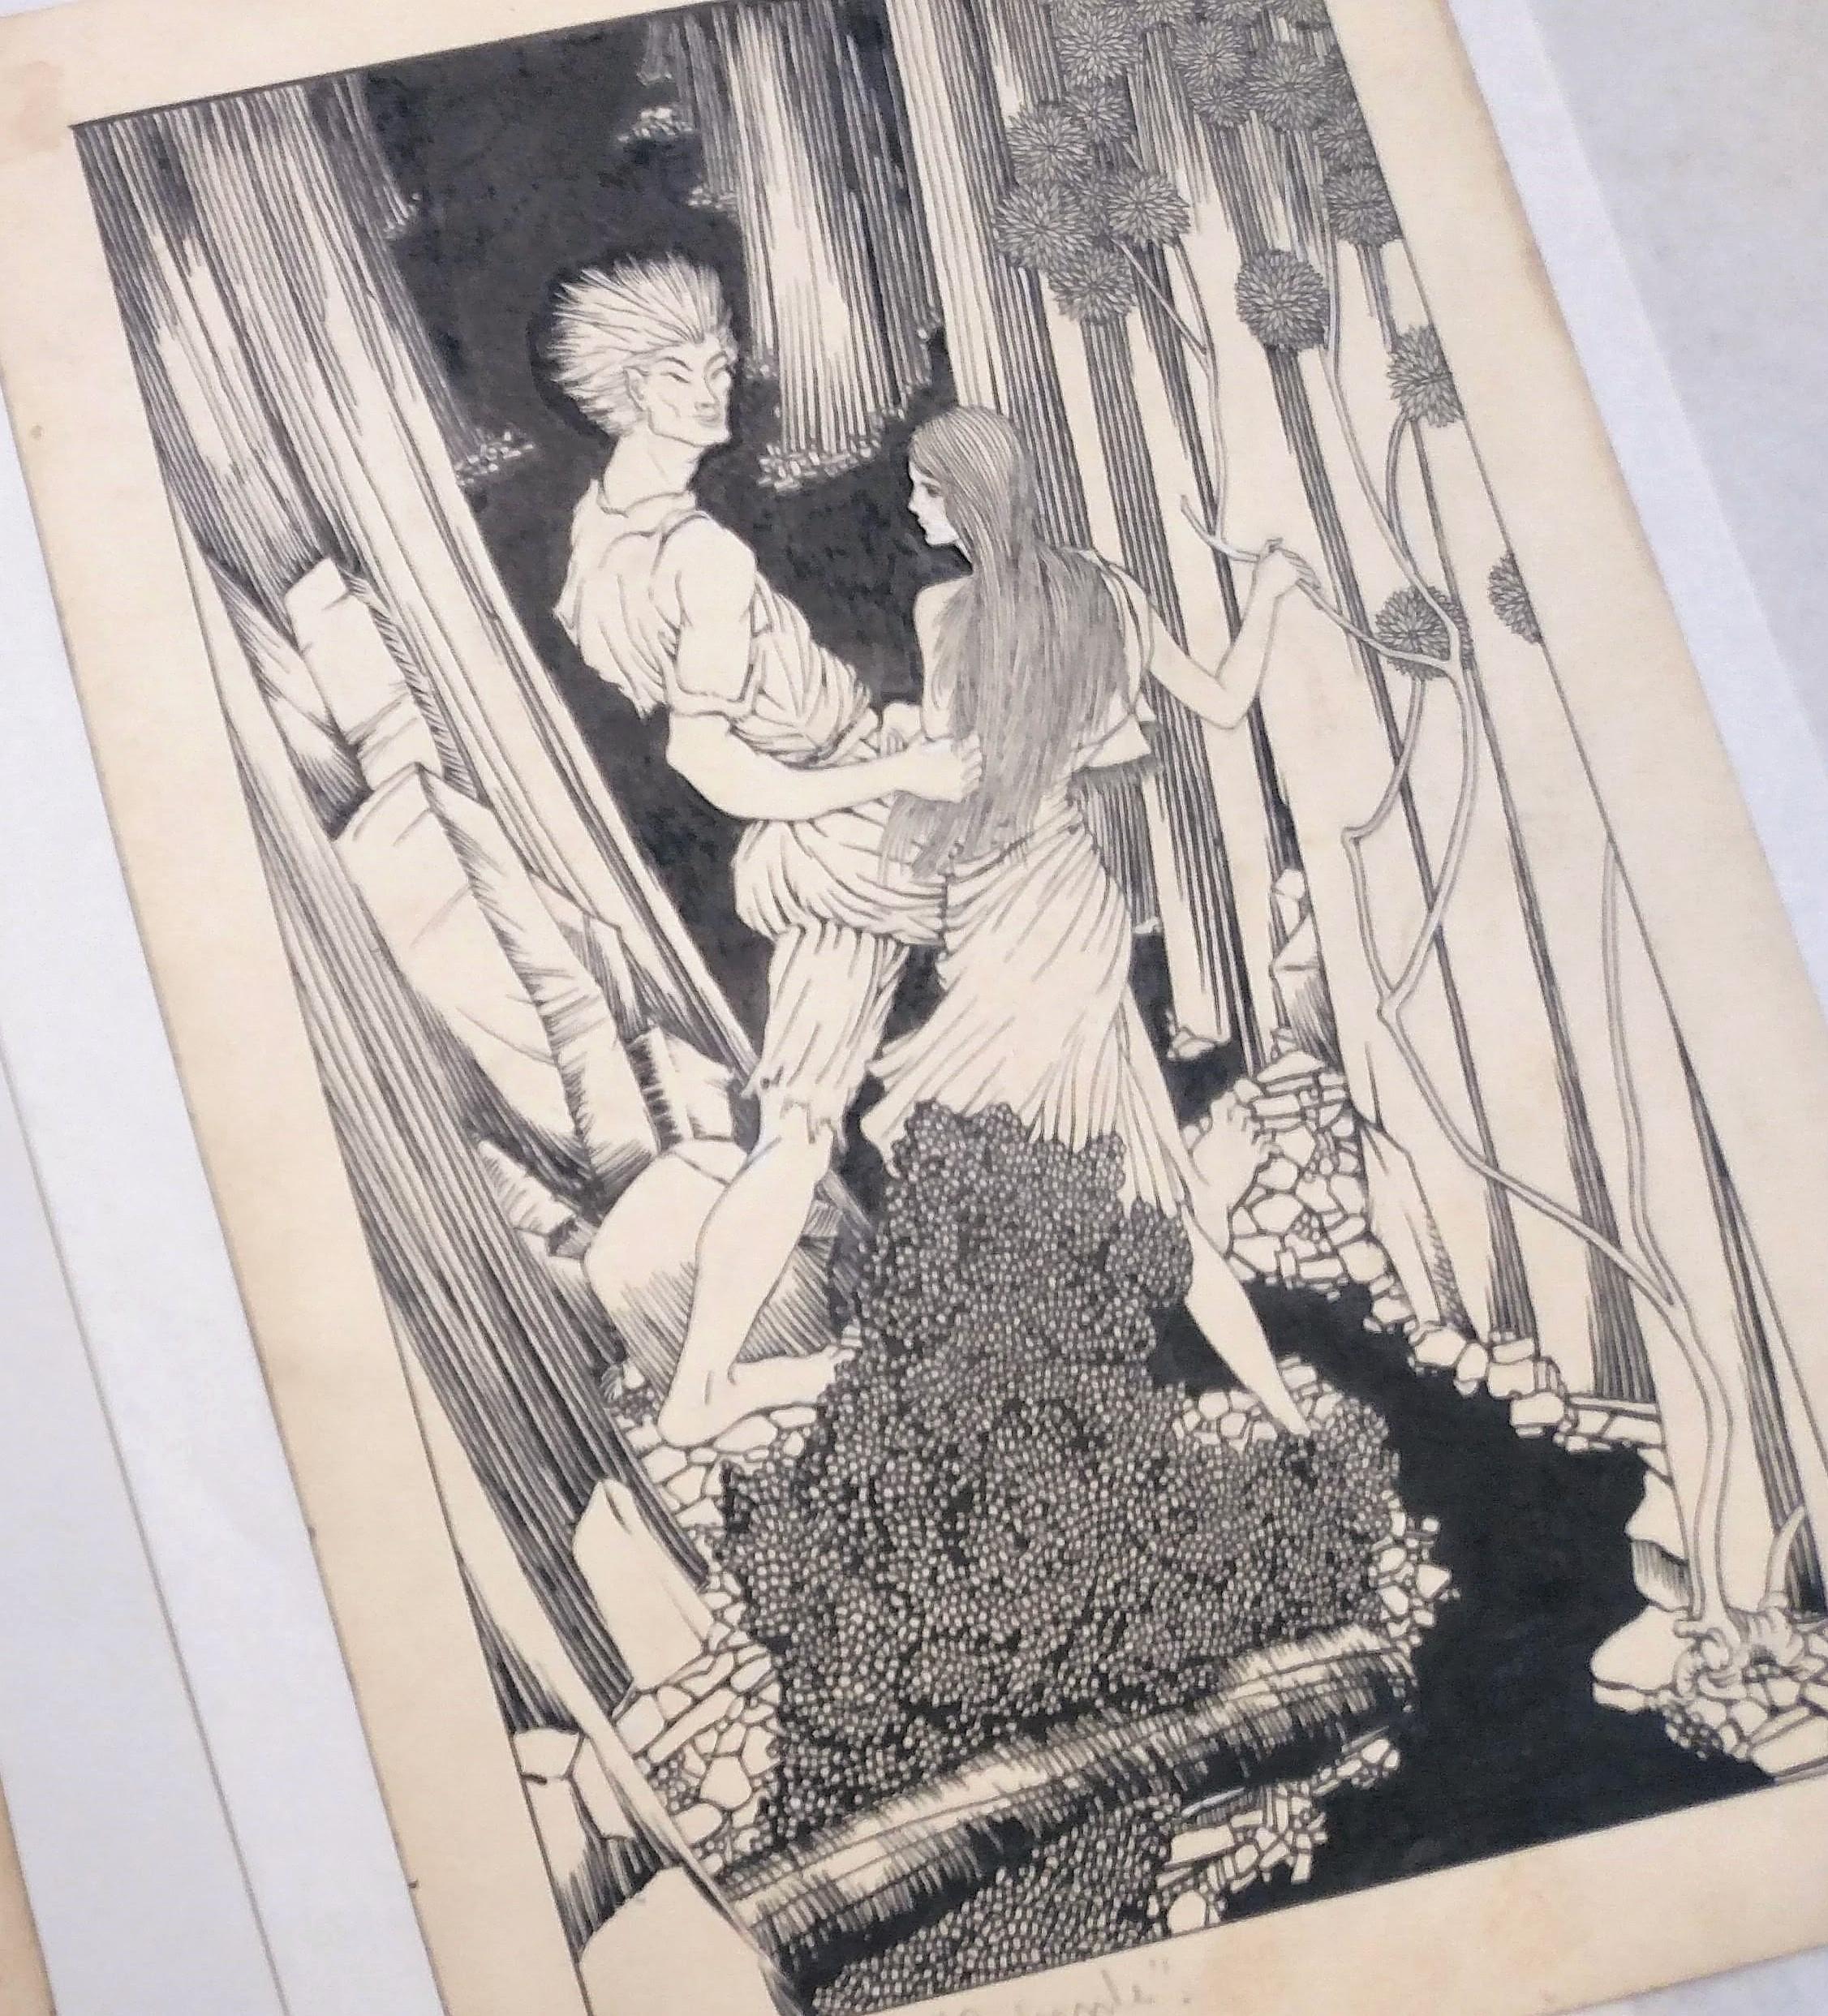 TWB, Jr. illustration form the 1920s.